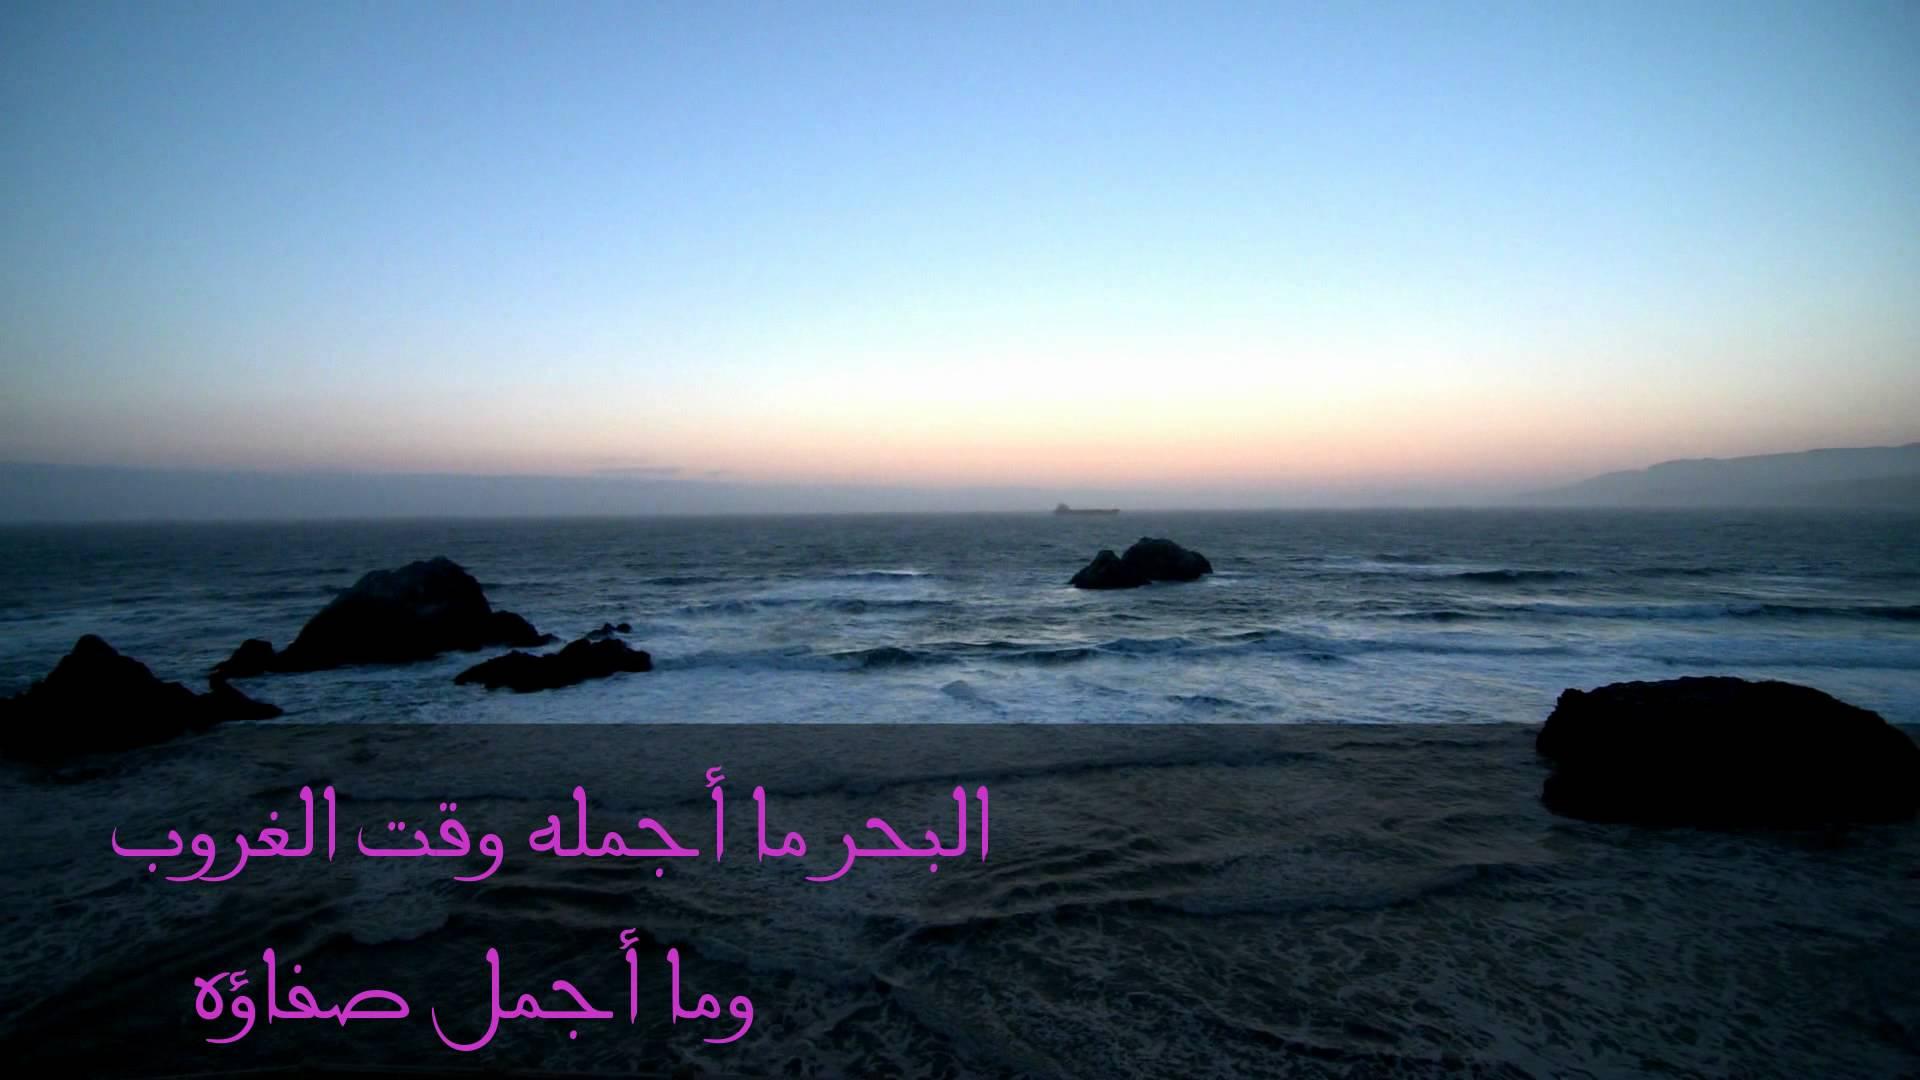 بالصور كلام عن البحر , اروع ما قيل عن البحر 3795 9